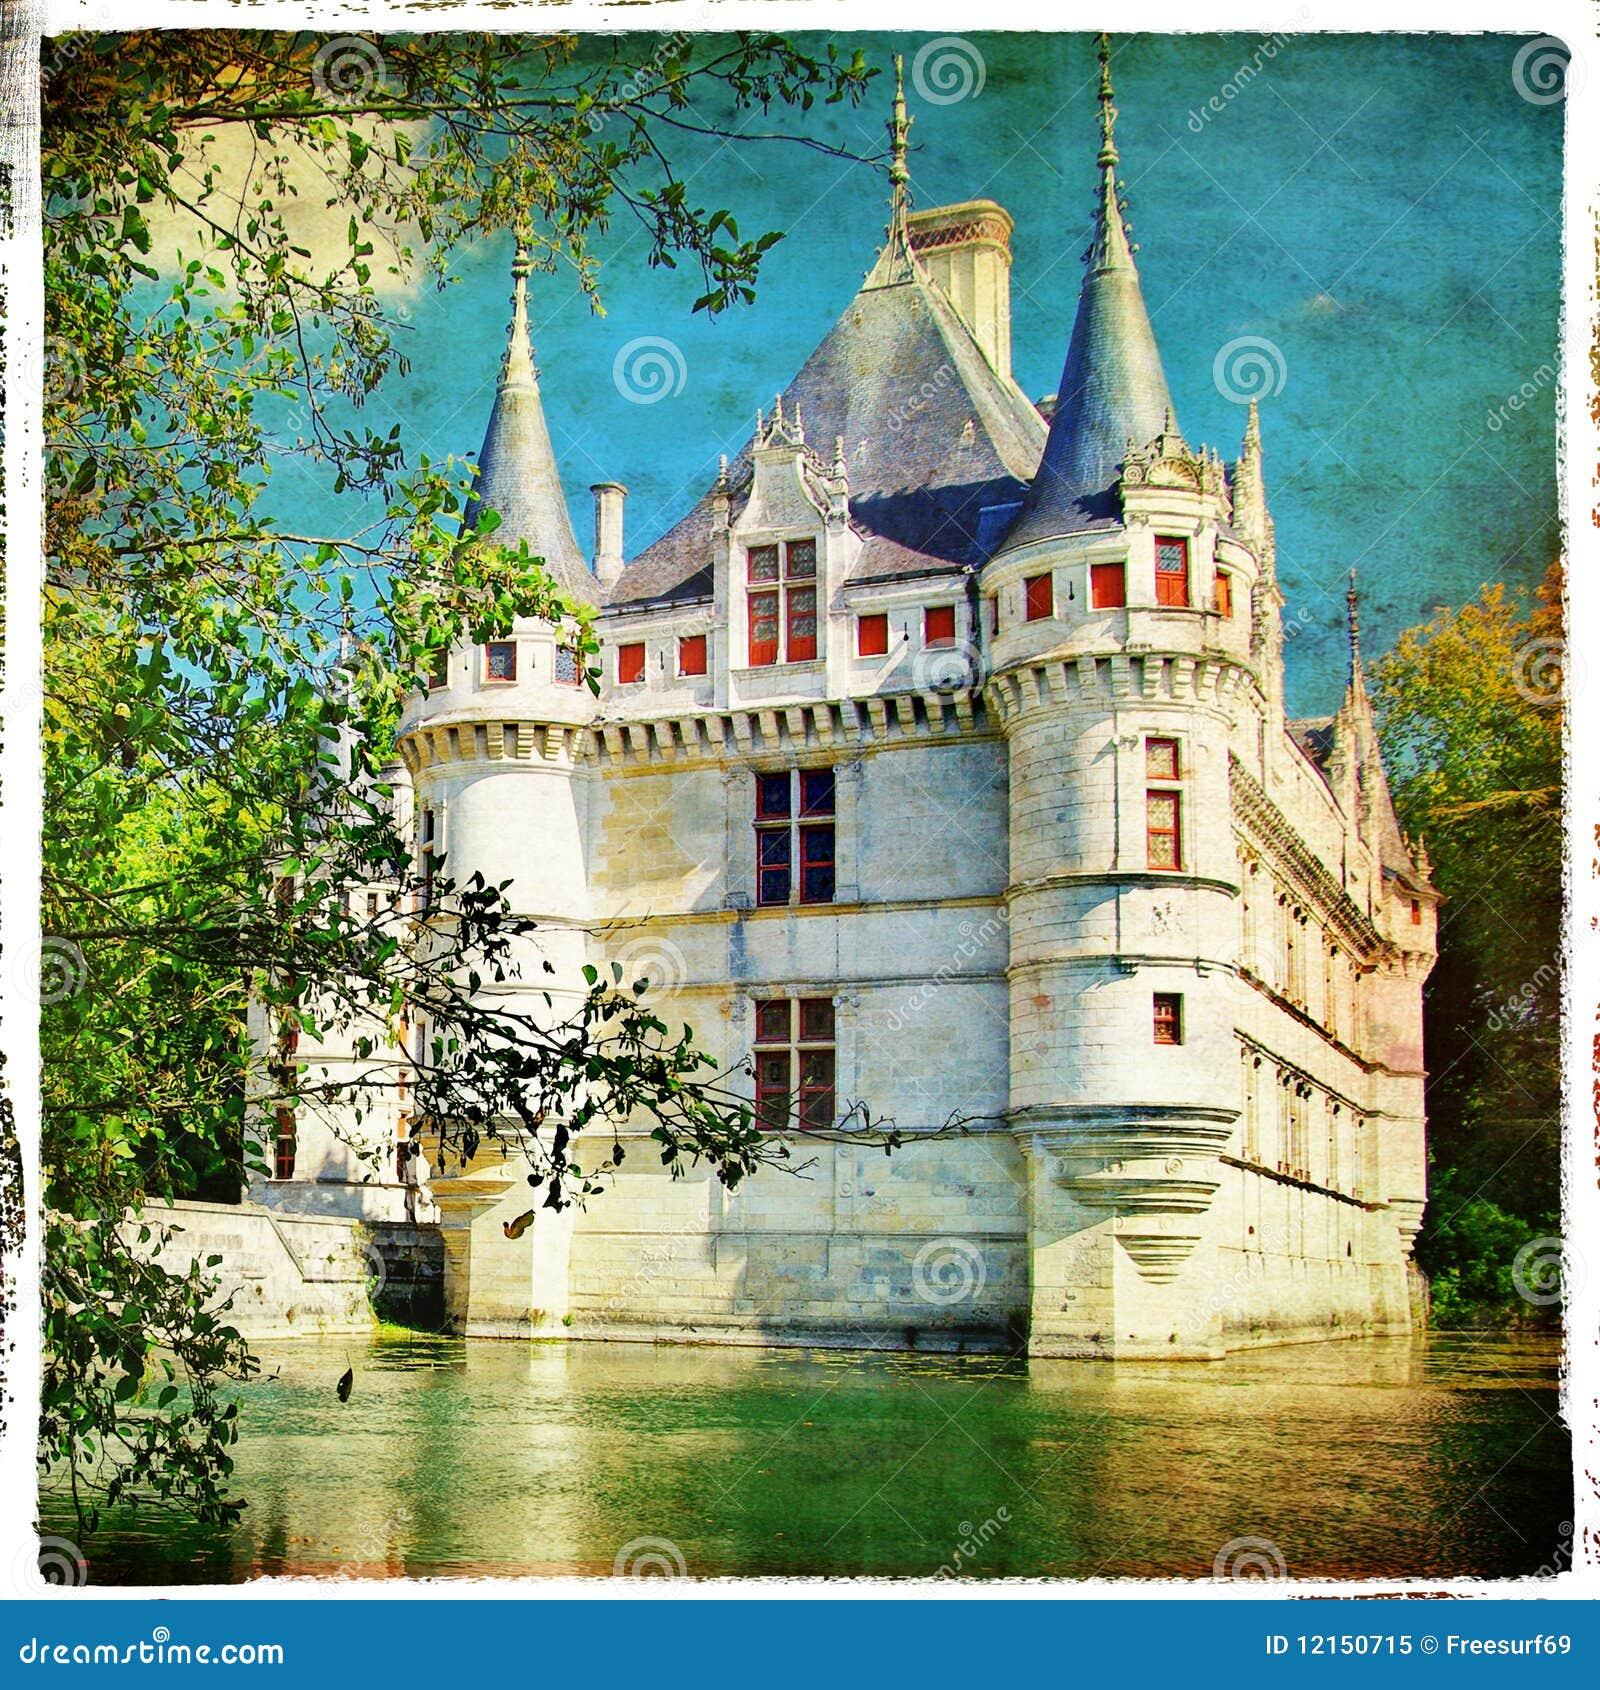 Castillo de azay le rideau foto de archivo libre de regal as imagen 12150715 - Castillo de azay le rideau ...